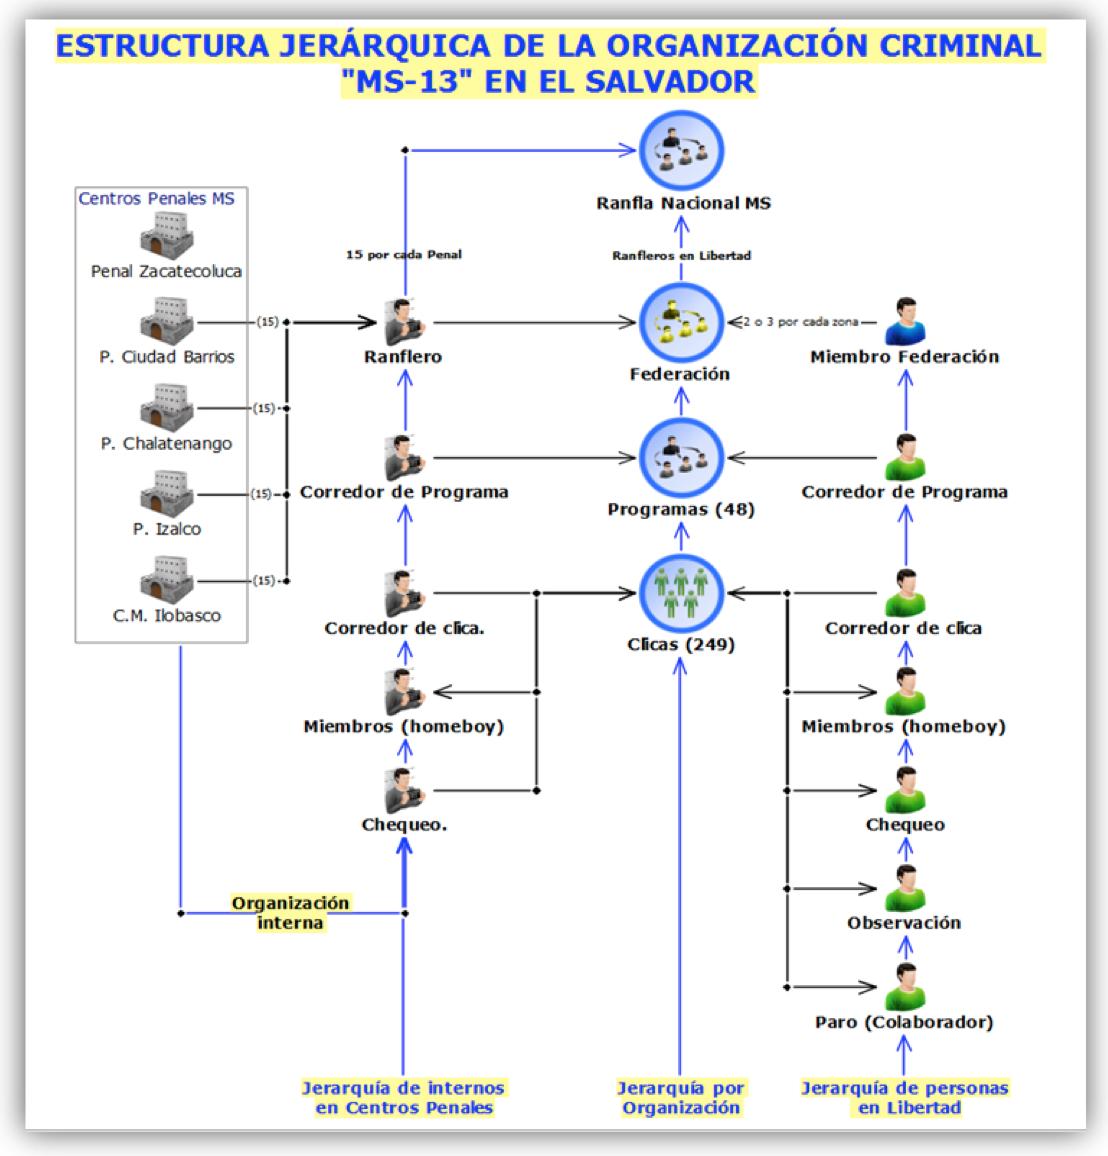 el salvador ms13 hierarchy